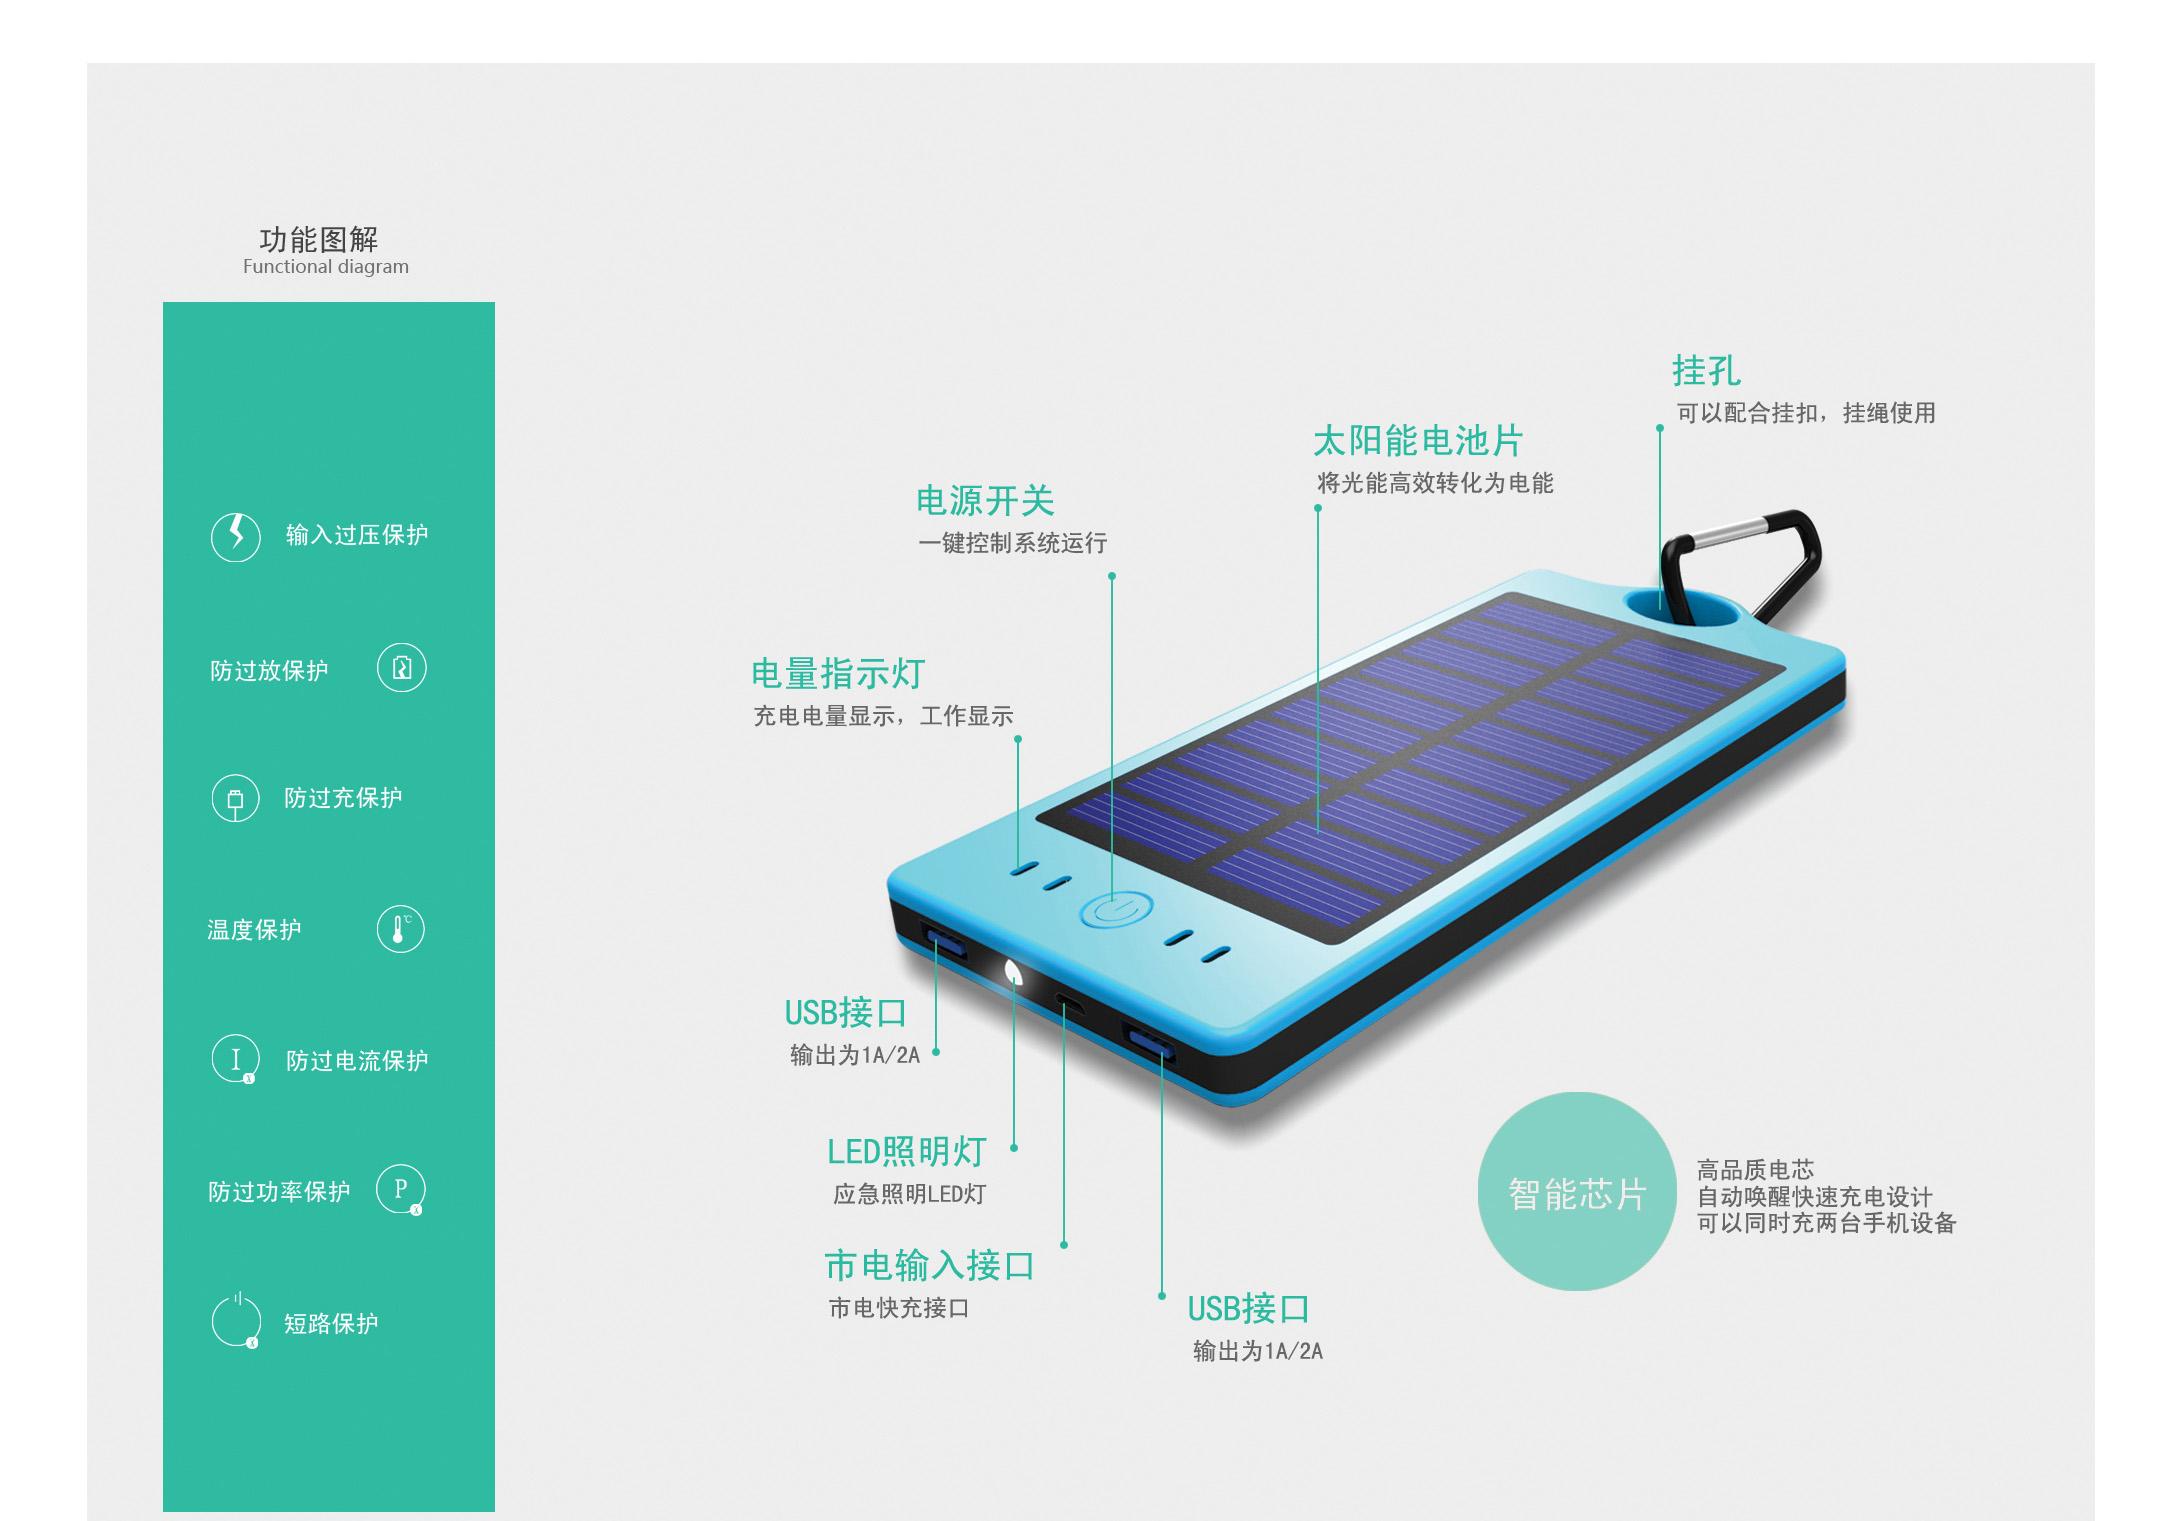 太阳能充电宝-863c4253-f483-41e6-ab9e-2aa0046c4575